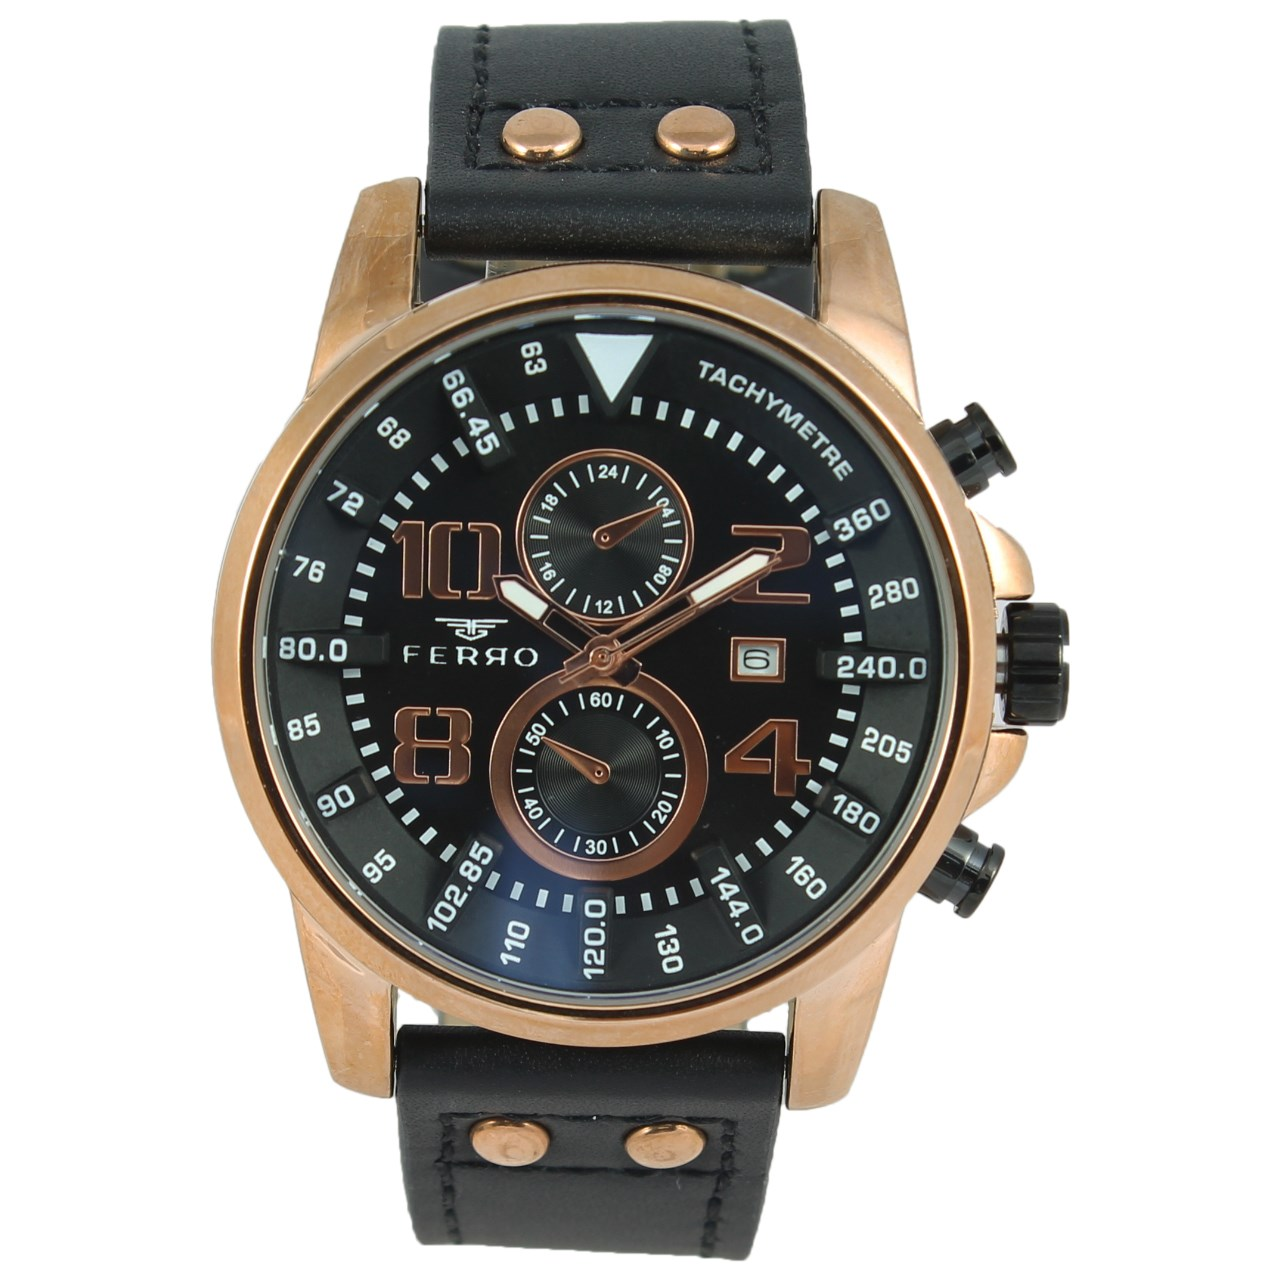 ساعت مچی عقربه ای مردانه فرو مدل F61518-593-C2